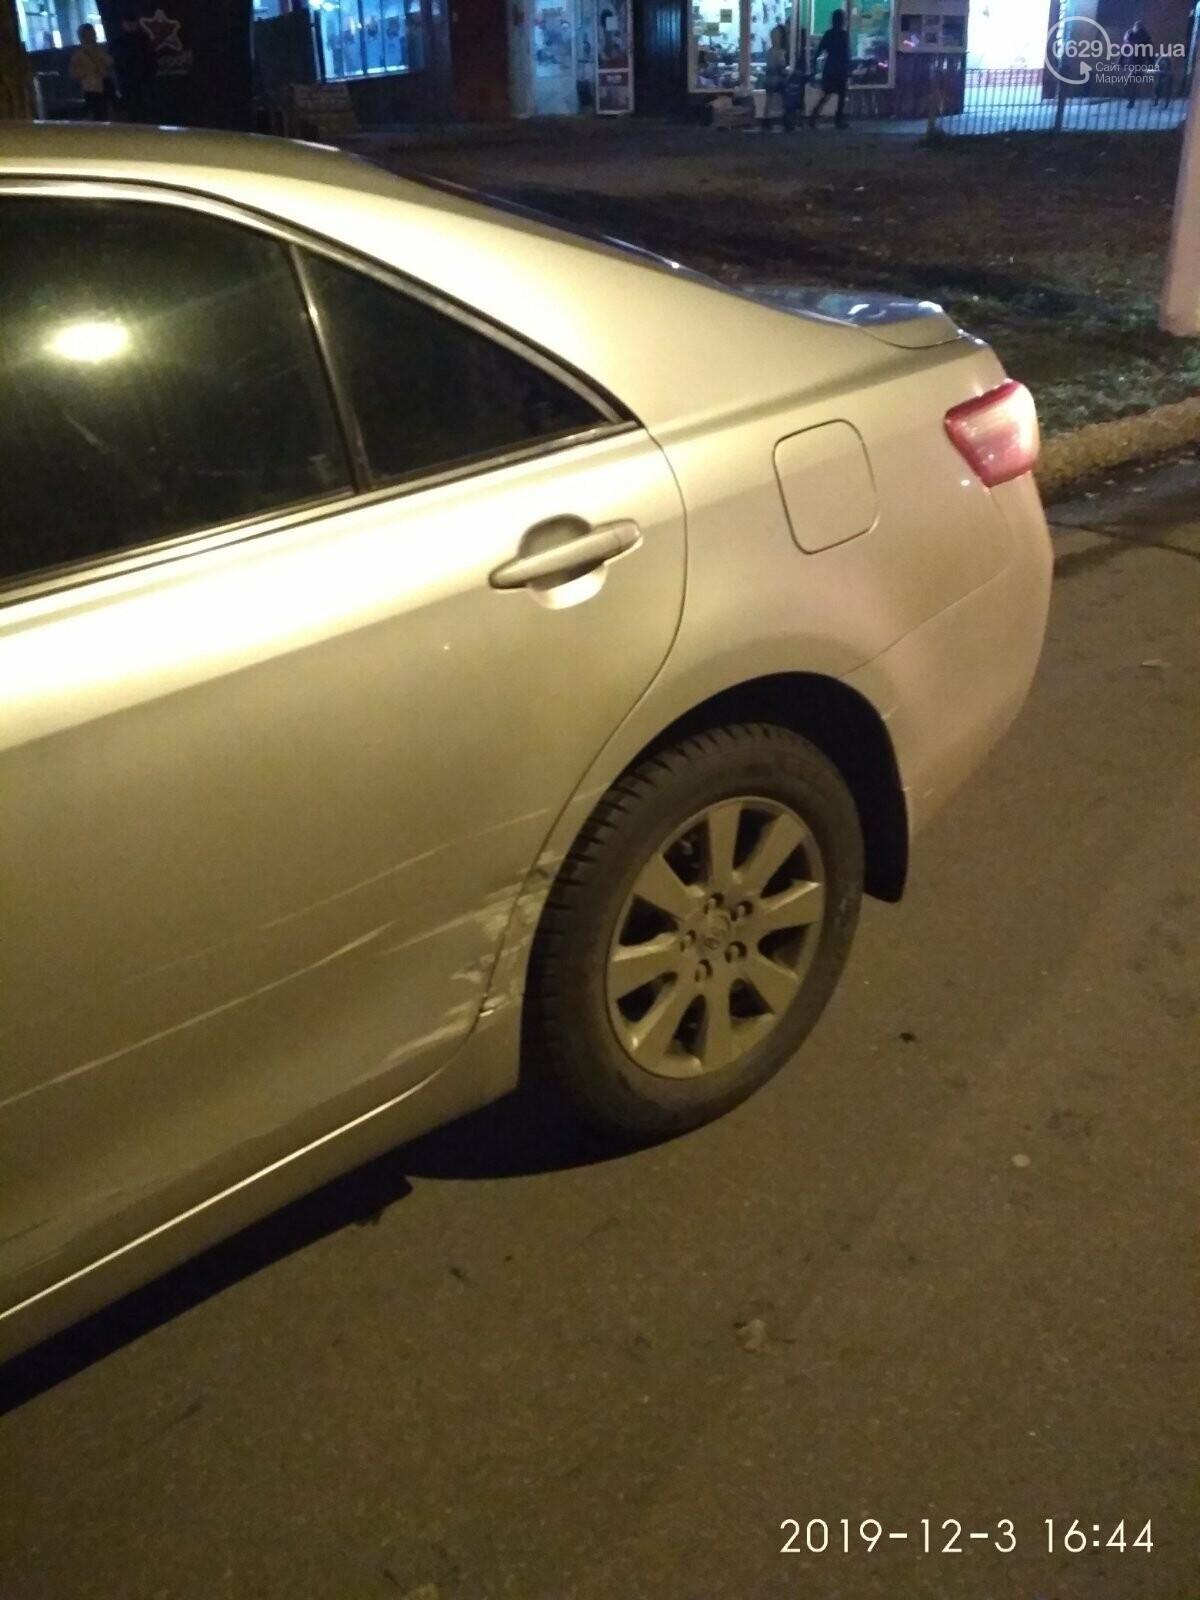 Водители, будьте внимательнее! В Мариуполе произошло два ДТП, - ФОТО, фото-3